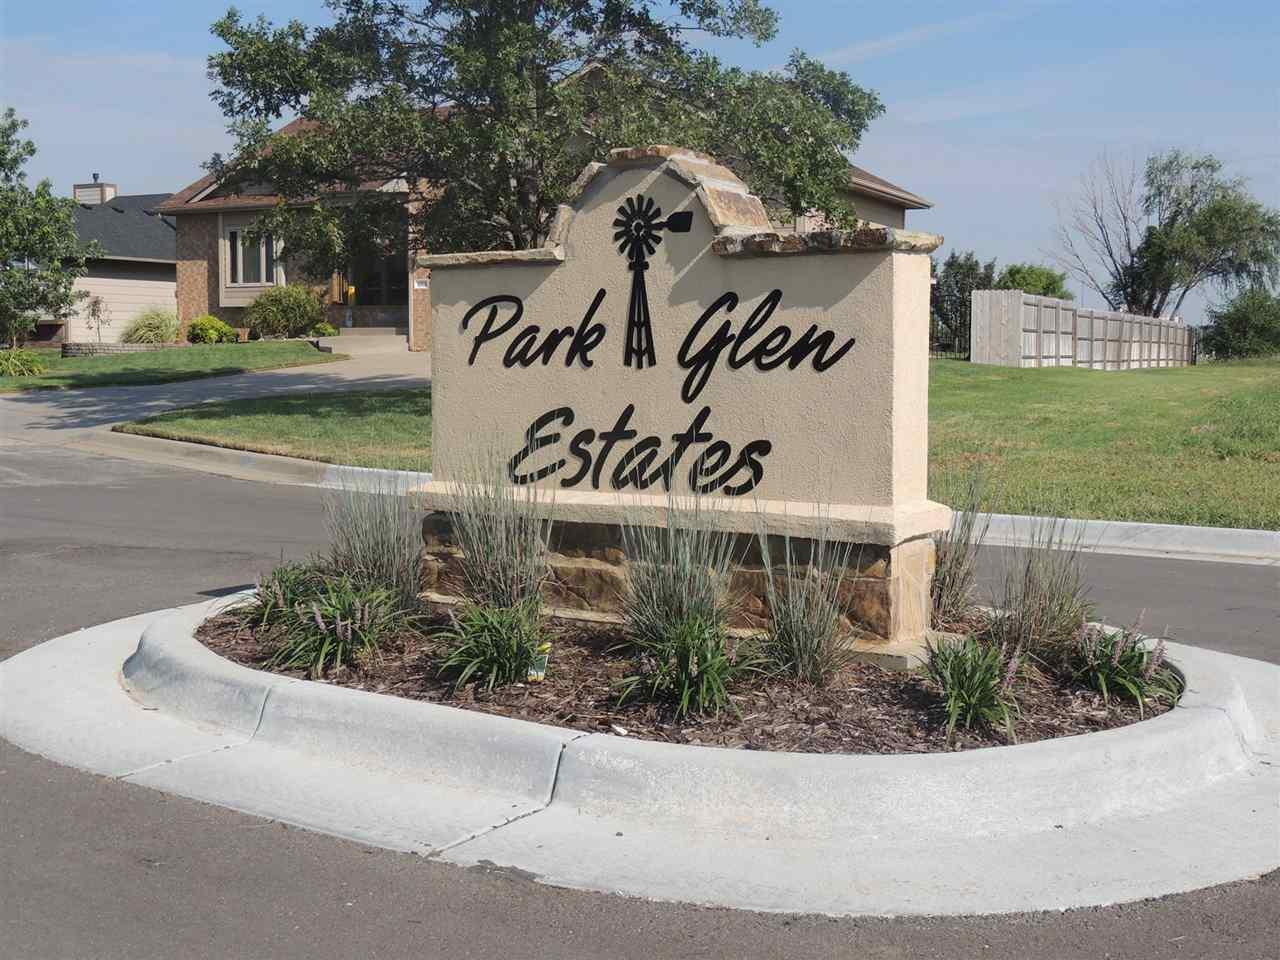 1201 E PARK GLEN ST, Clearwater, KS 67026